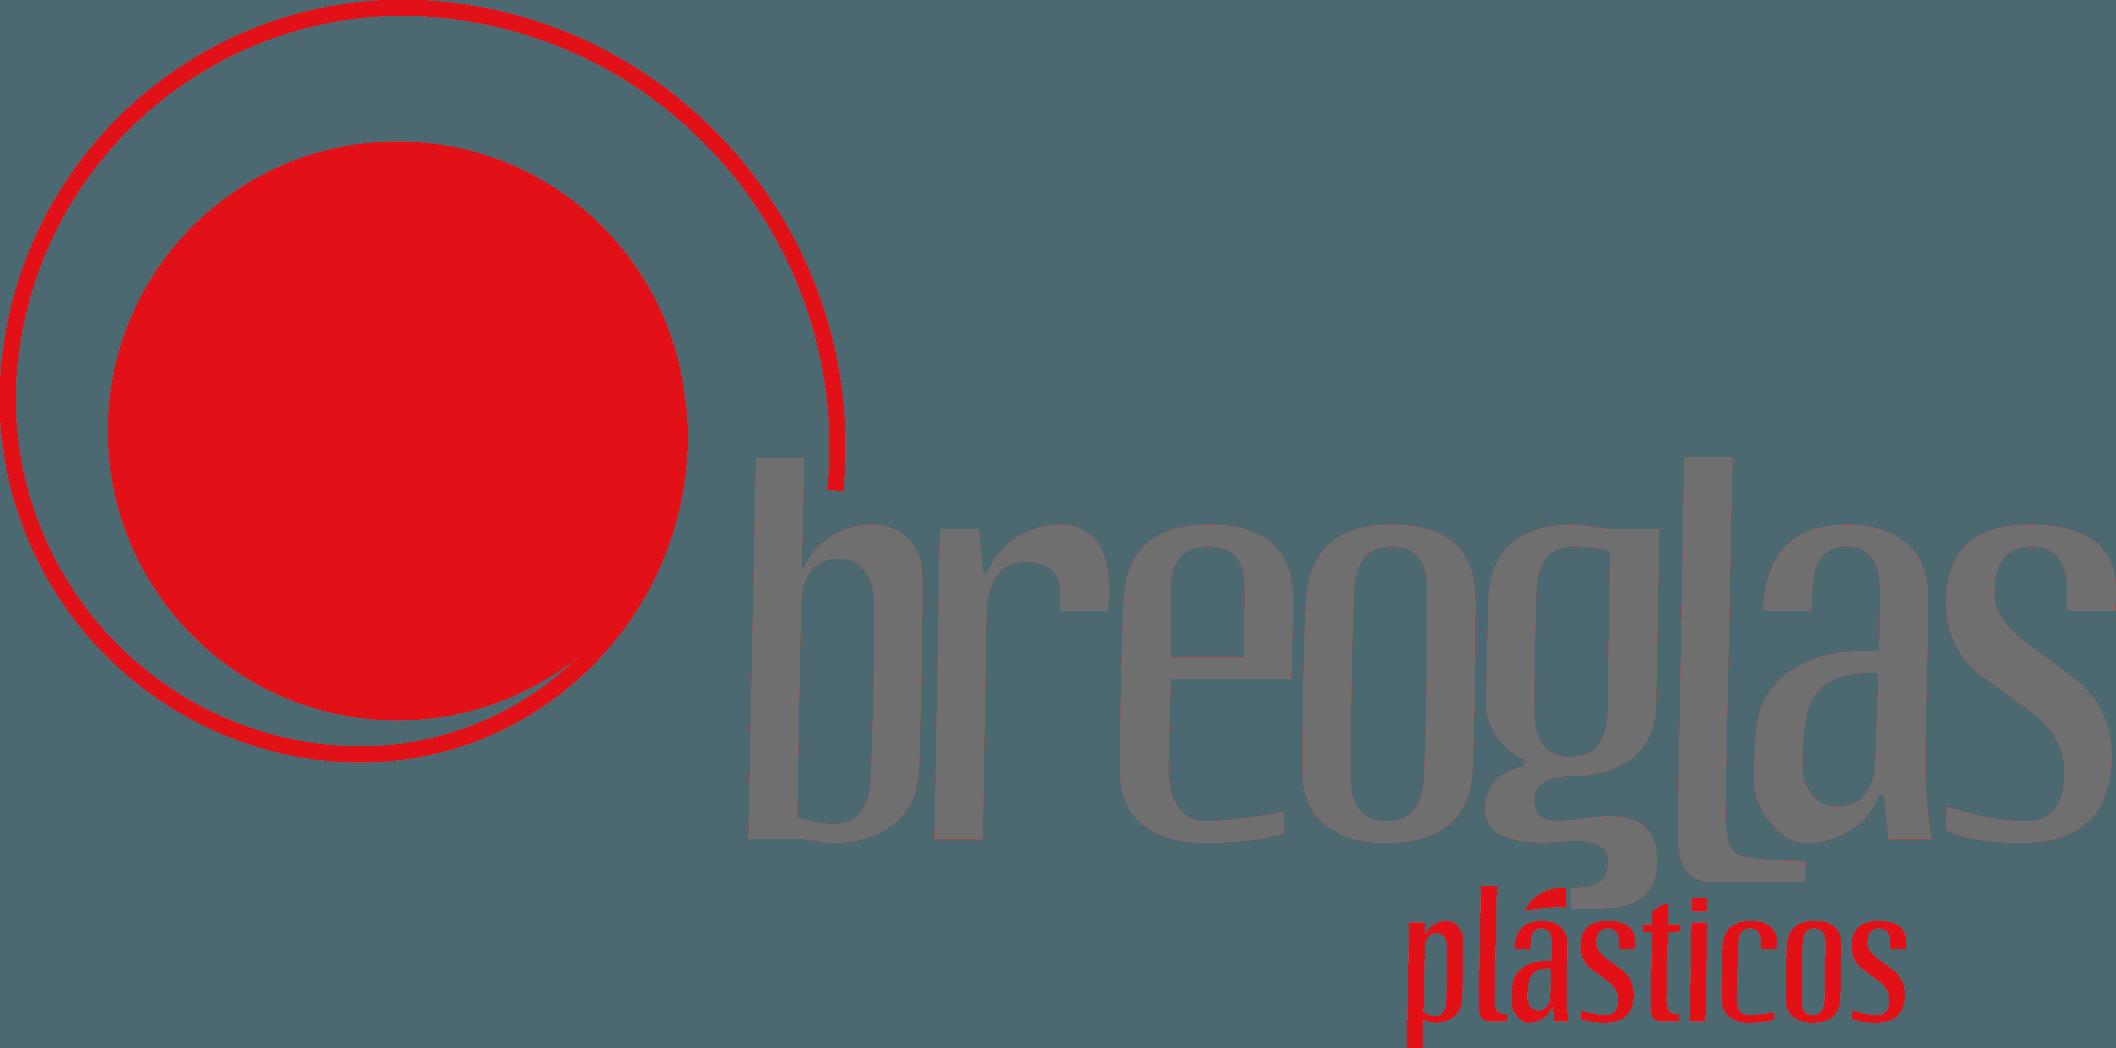 Breoglas plásticos